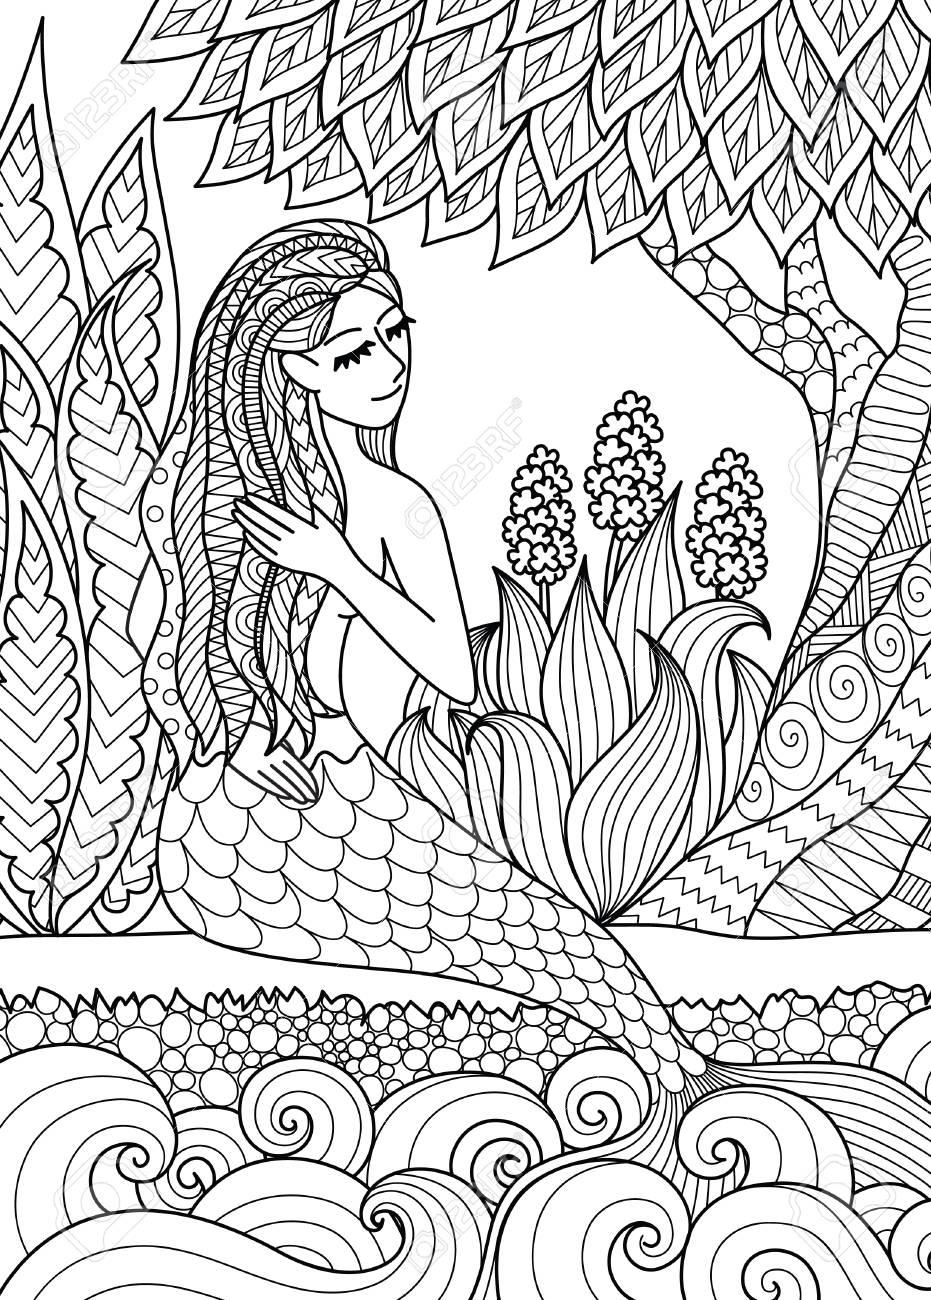 La Sirena Bonita Que Se Sienta Por El Río Arregla Su Pelo, Diseño ...